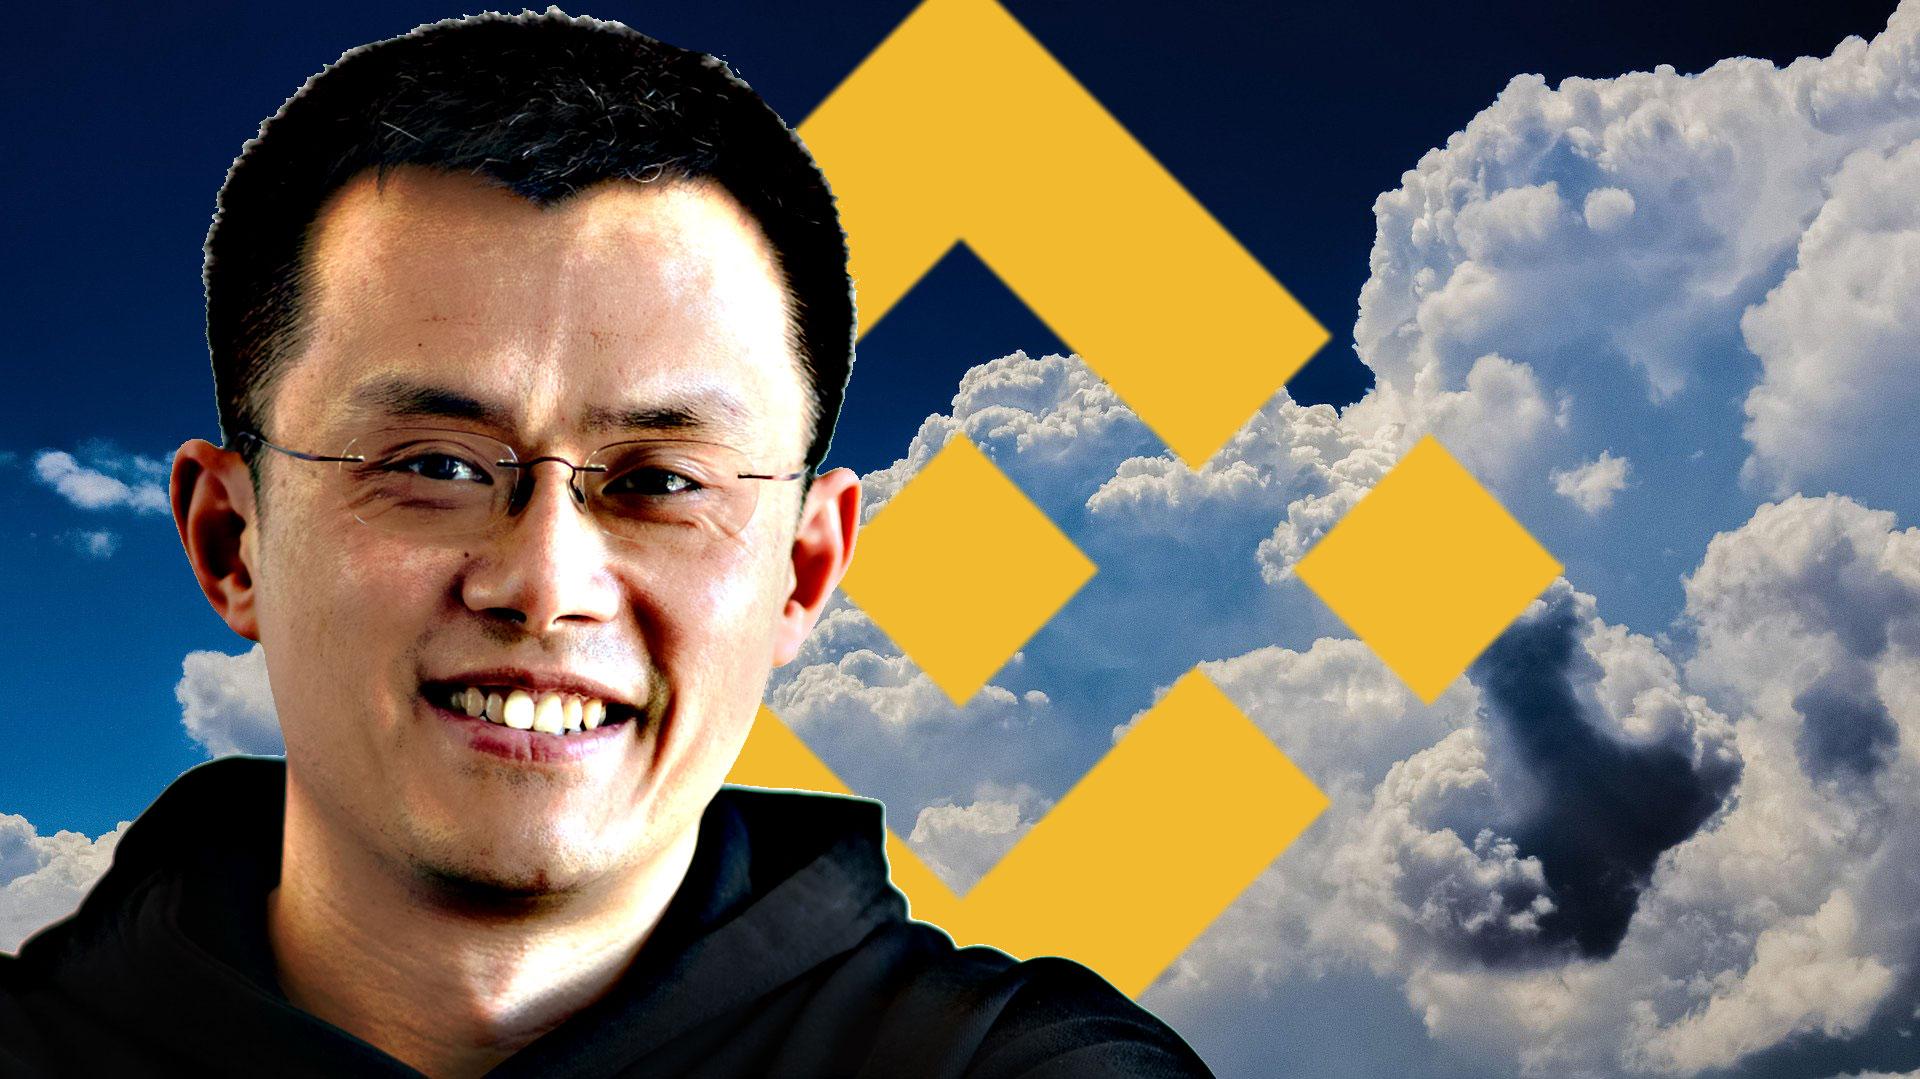 BinanceのCEO・CZ氏が新製品「Binance Cloud」の発表を示唆